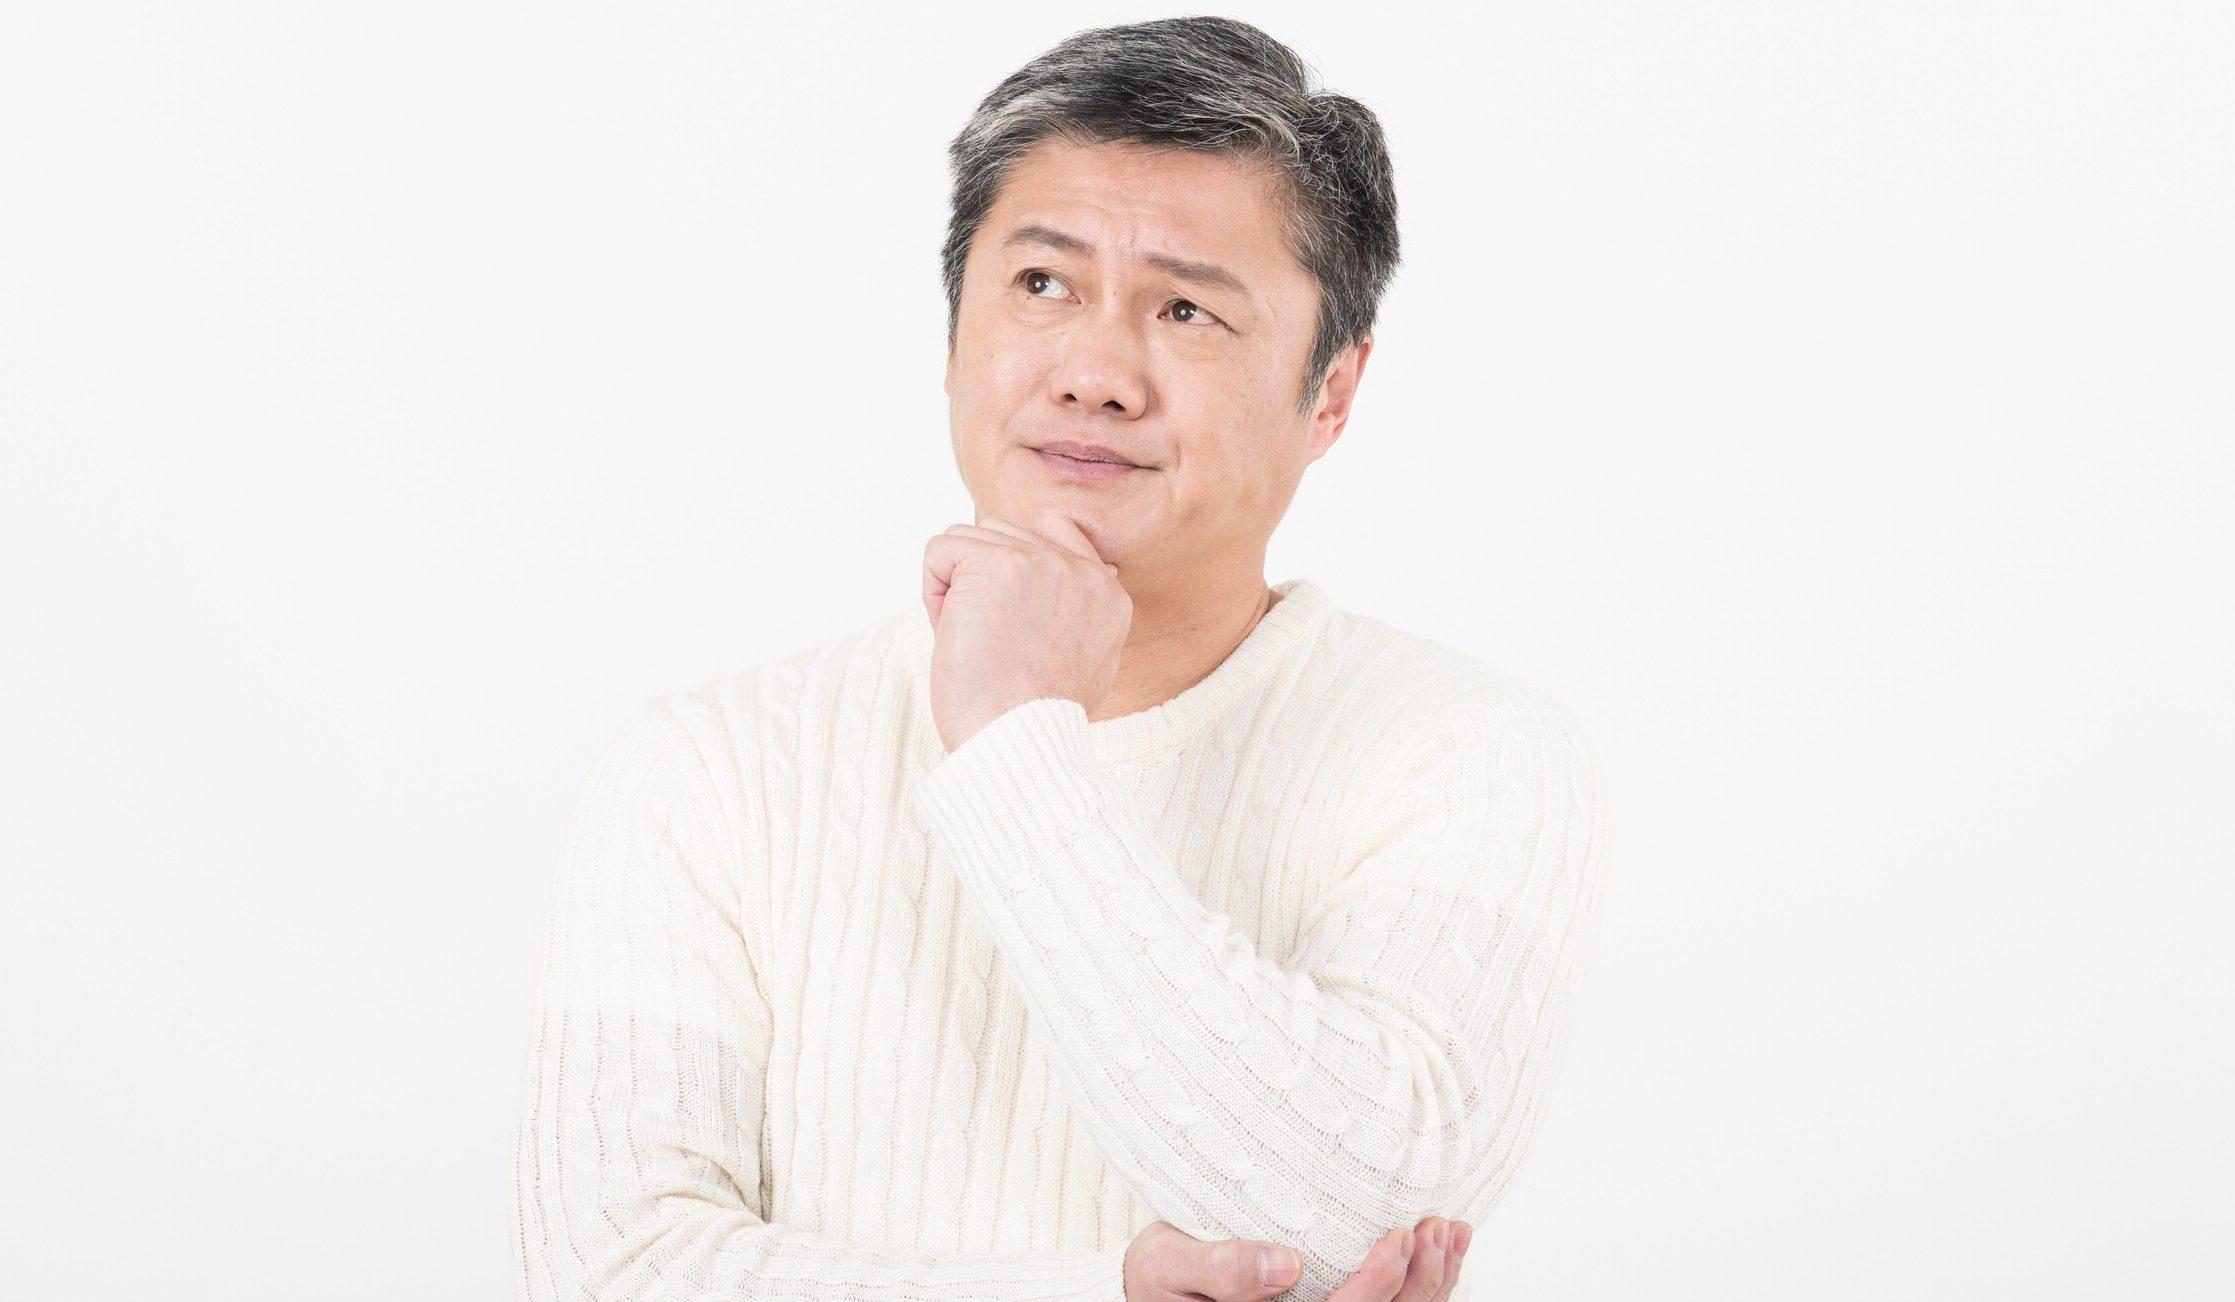 薄毛(AGA)治療とヒゲ脱毛を同時にして大丈夫?